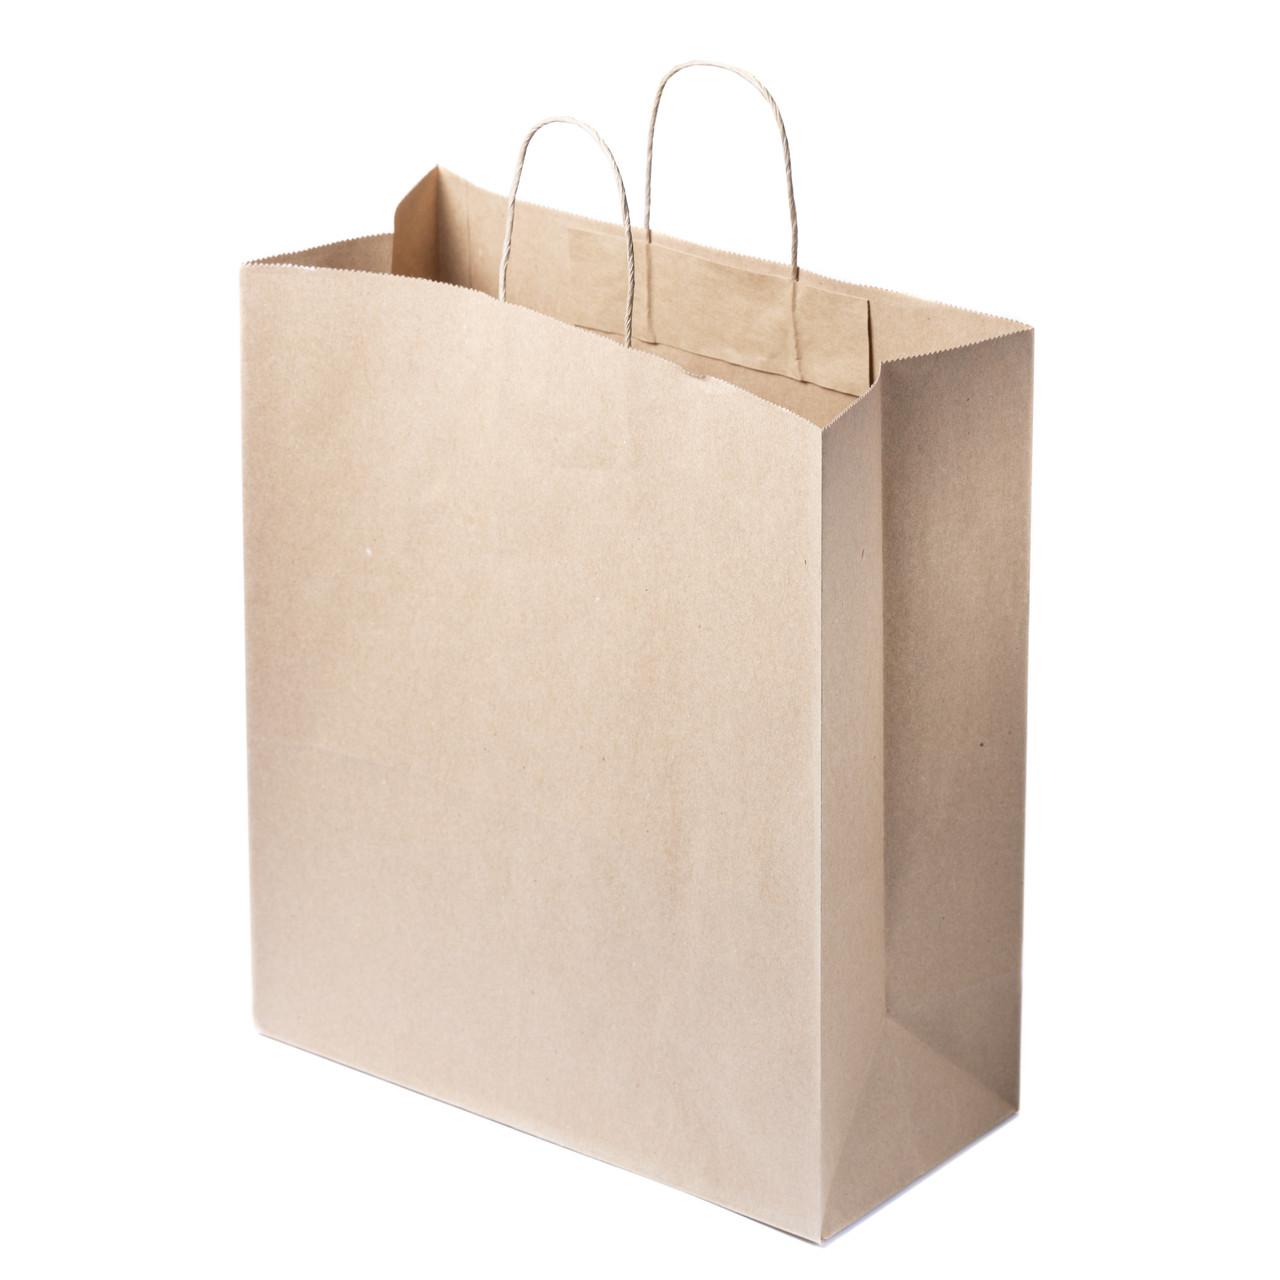 Пакет с ручками бумажный 320 мм*150 мм*380 мм оптом